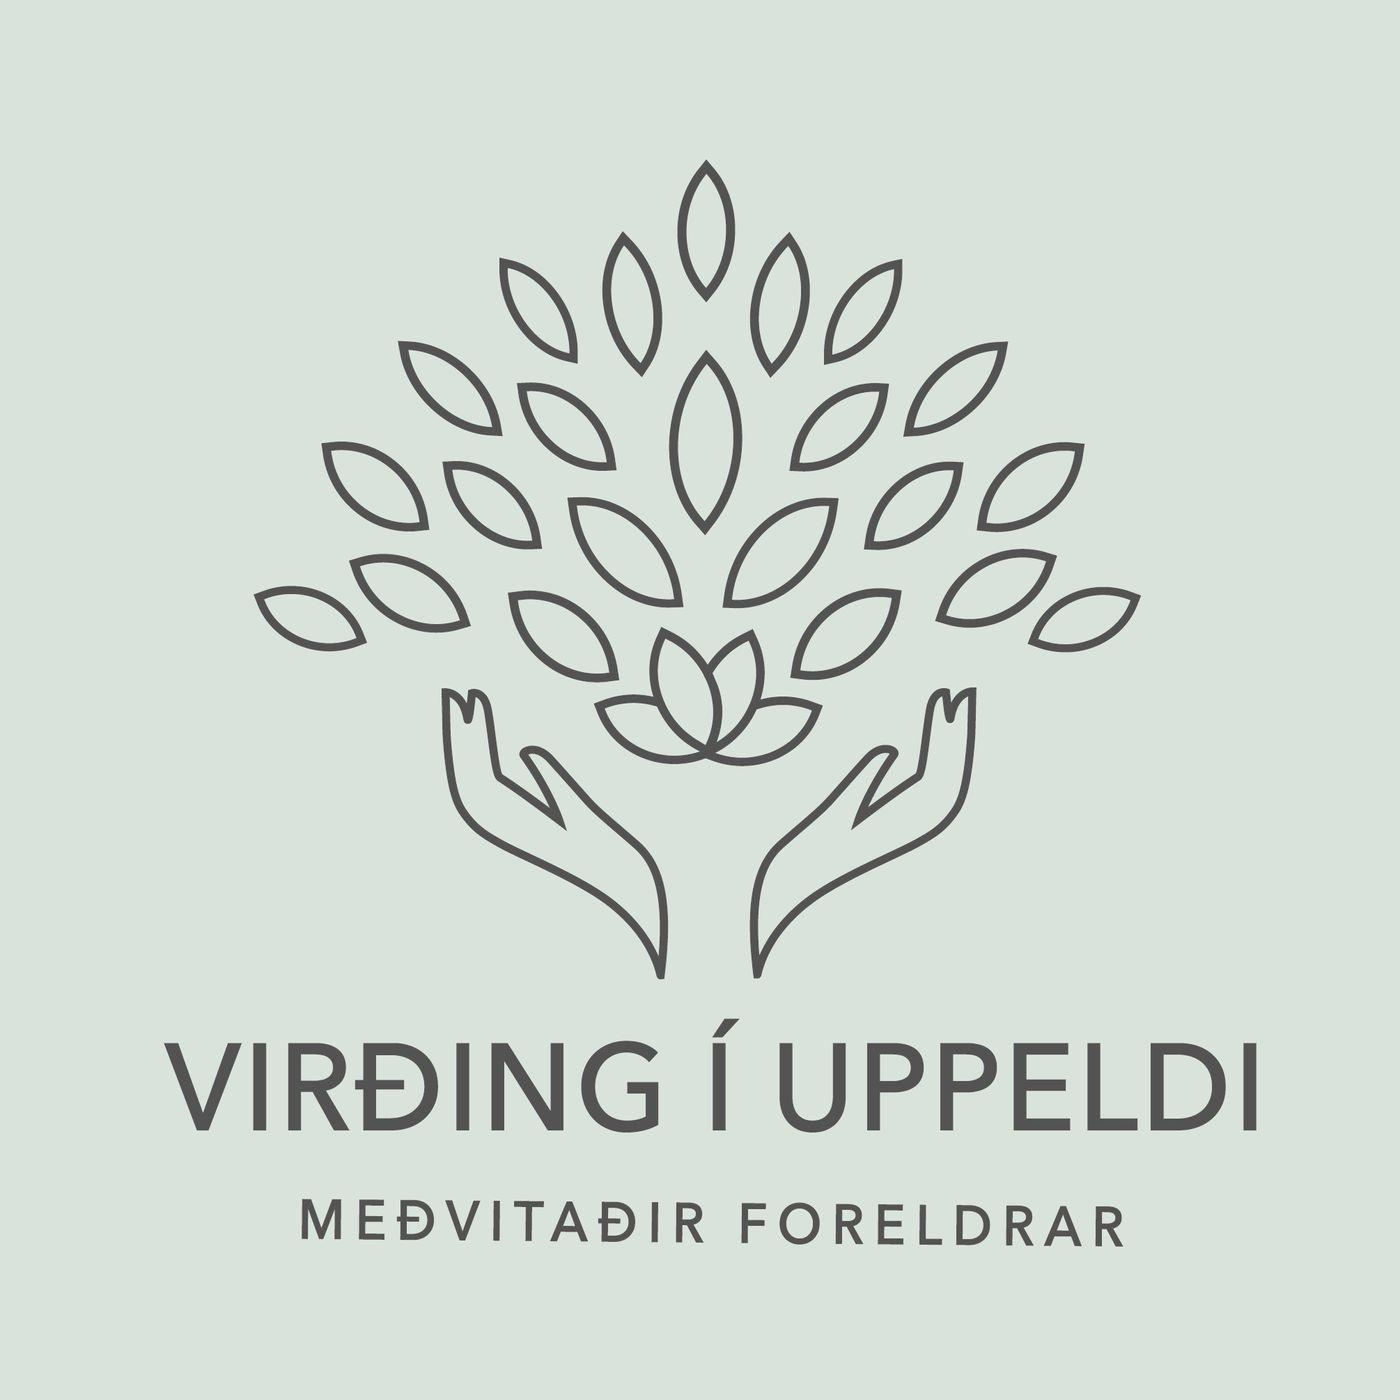 32. Þóra Jónsdóttir ásamt góðkunningjum um barnasáttmálann, meðvirkni, sambönd, uppeldi og sjálfsvinnu